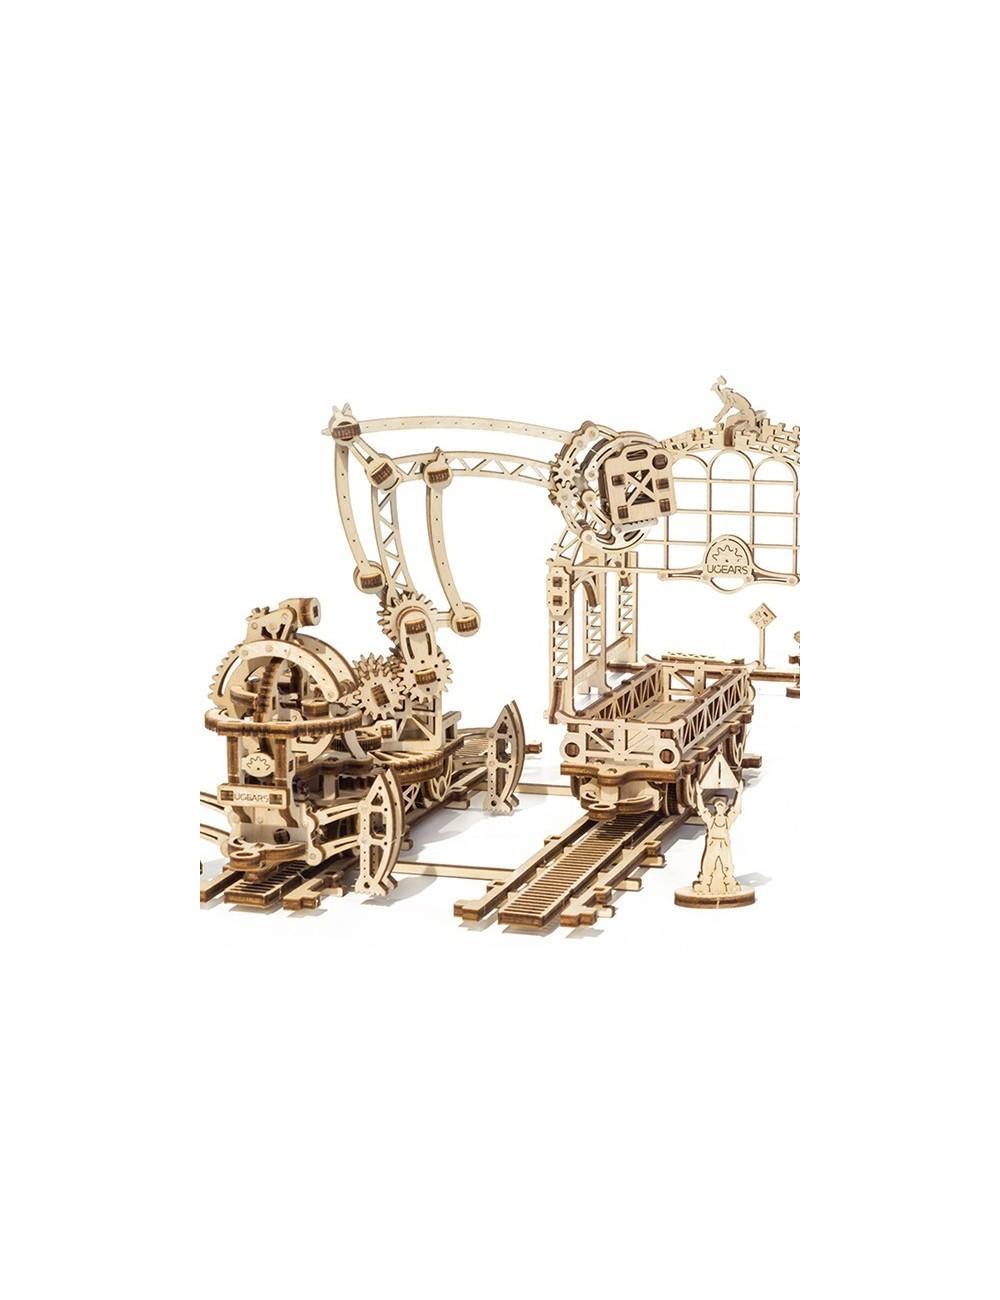 Manipulador en las vías (Rail Manipulator)